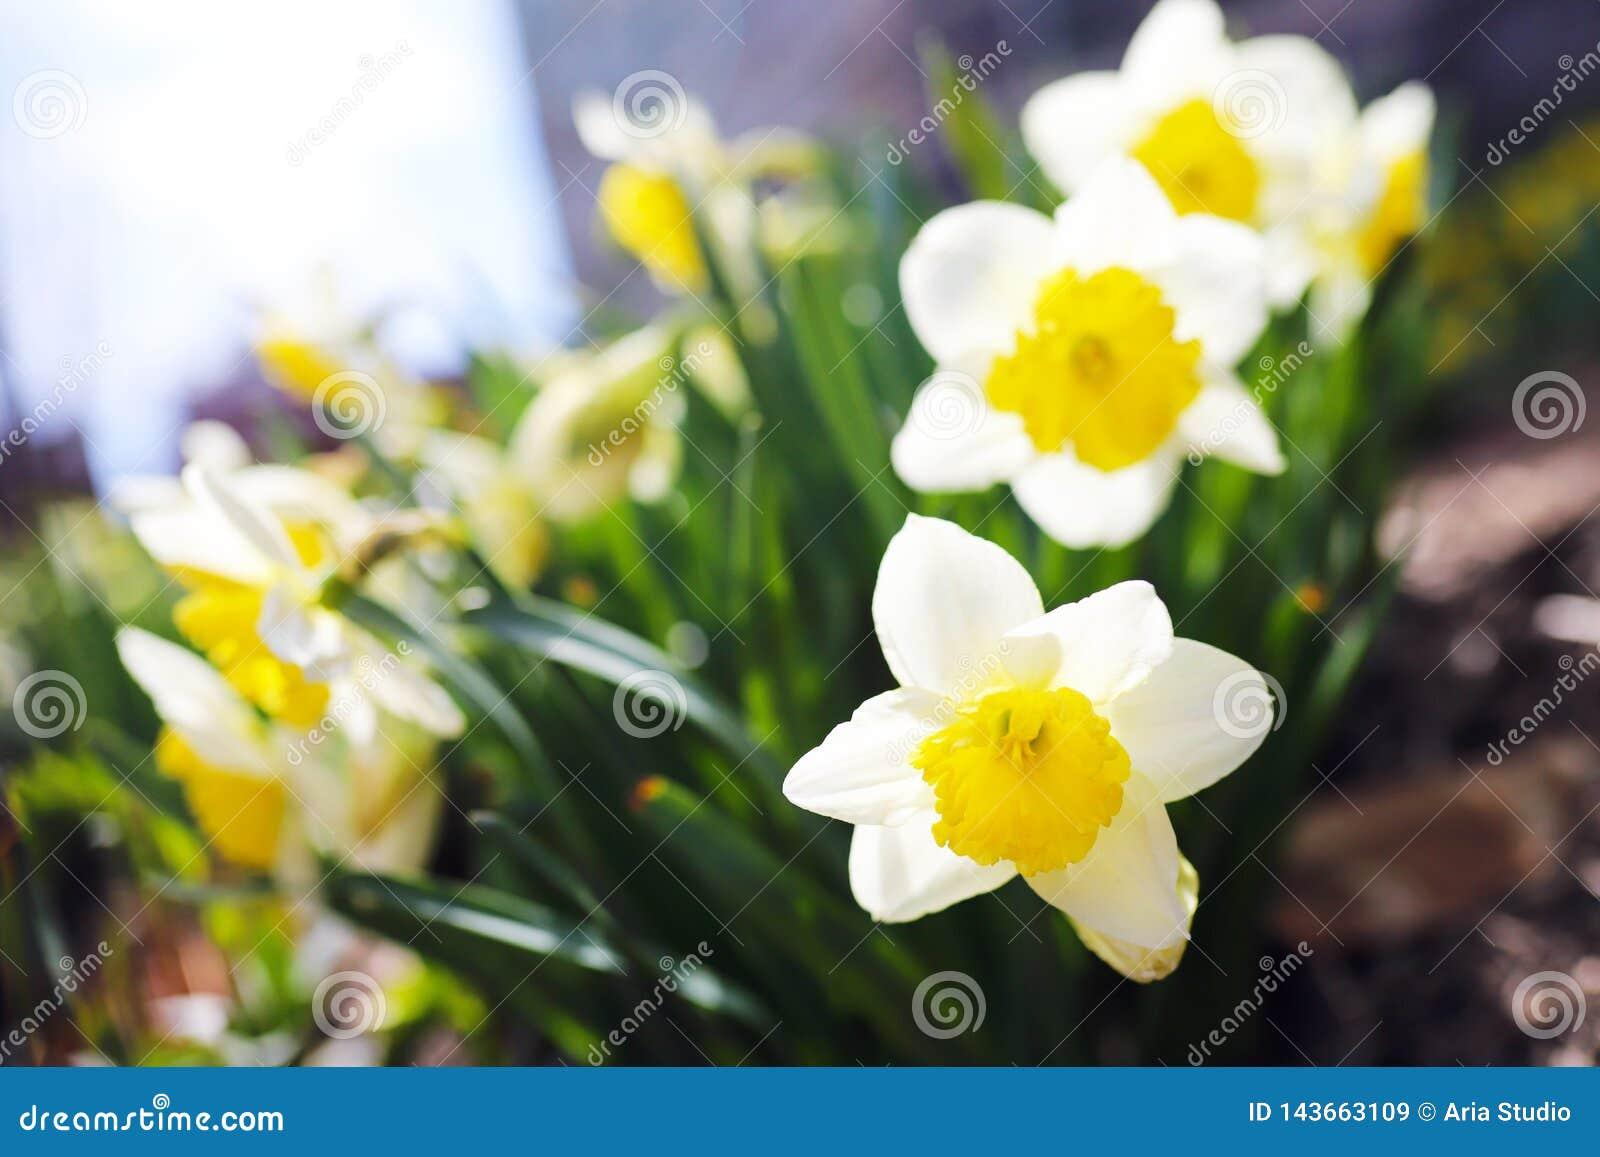 Narcisos amarelos bonitos em um dia ensolarado de março